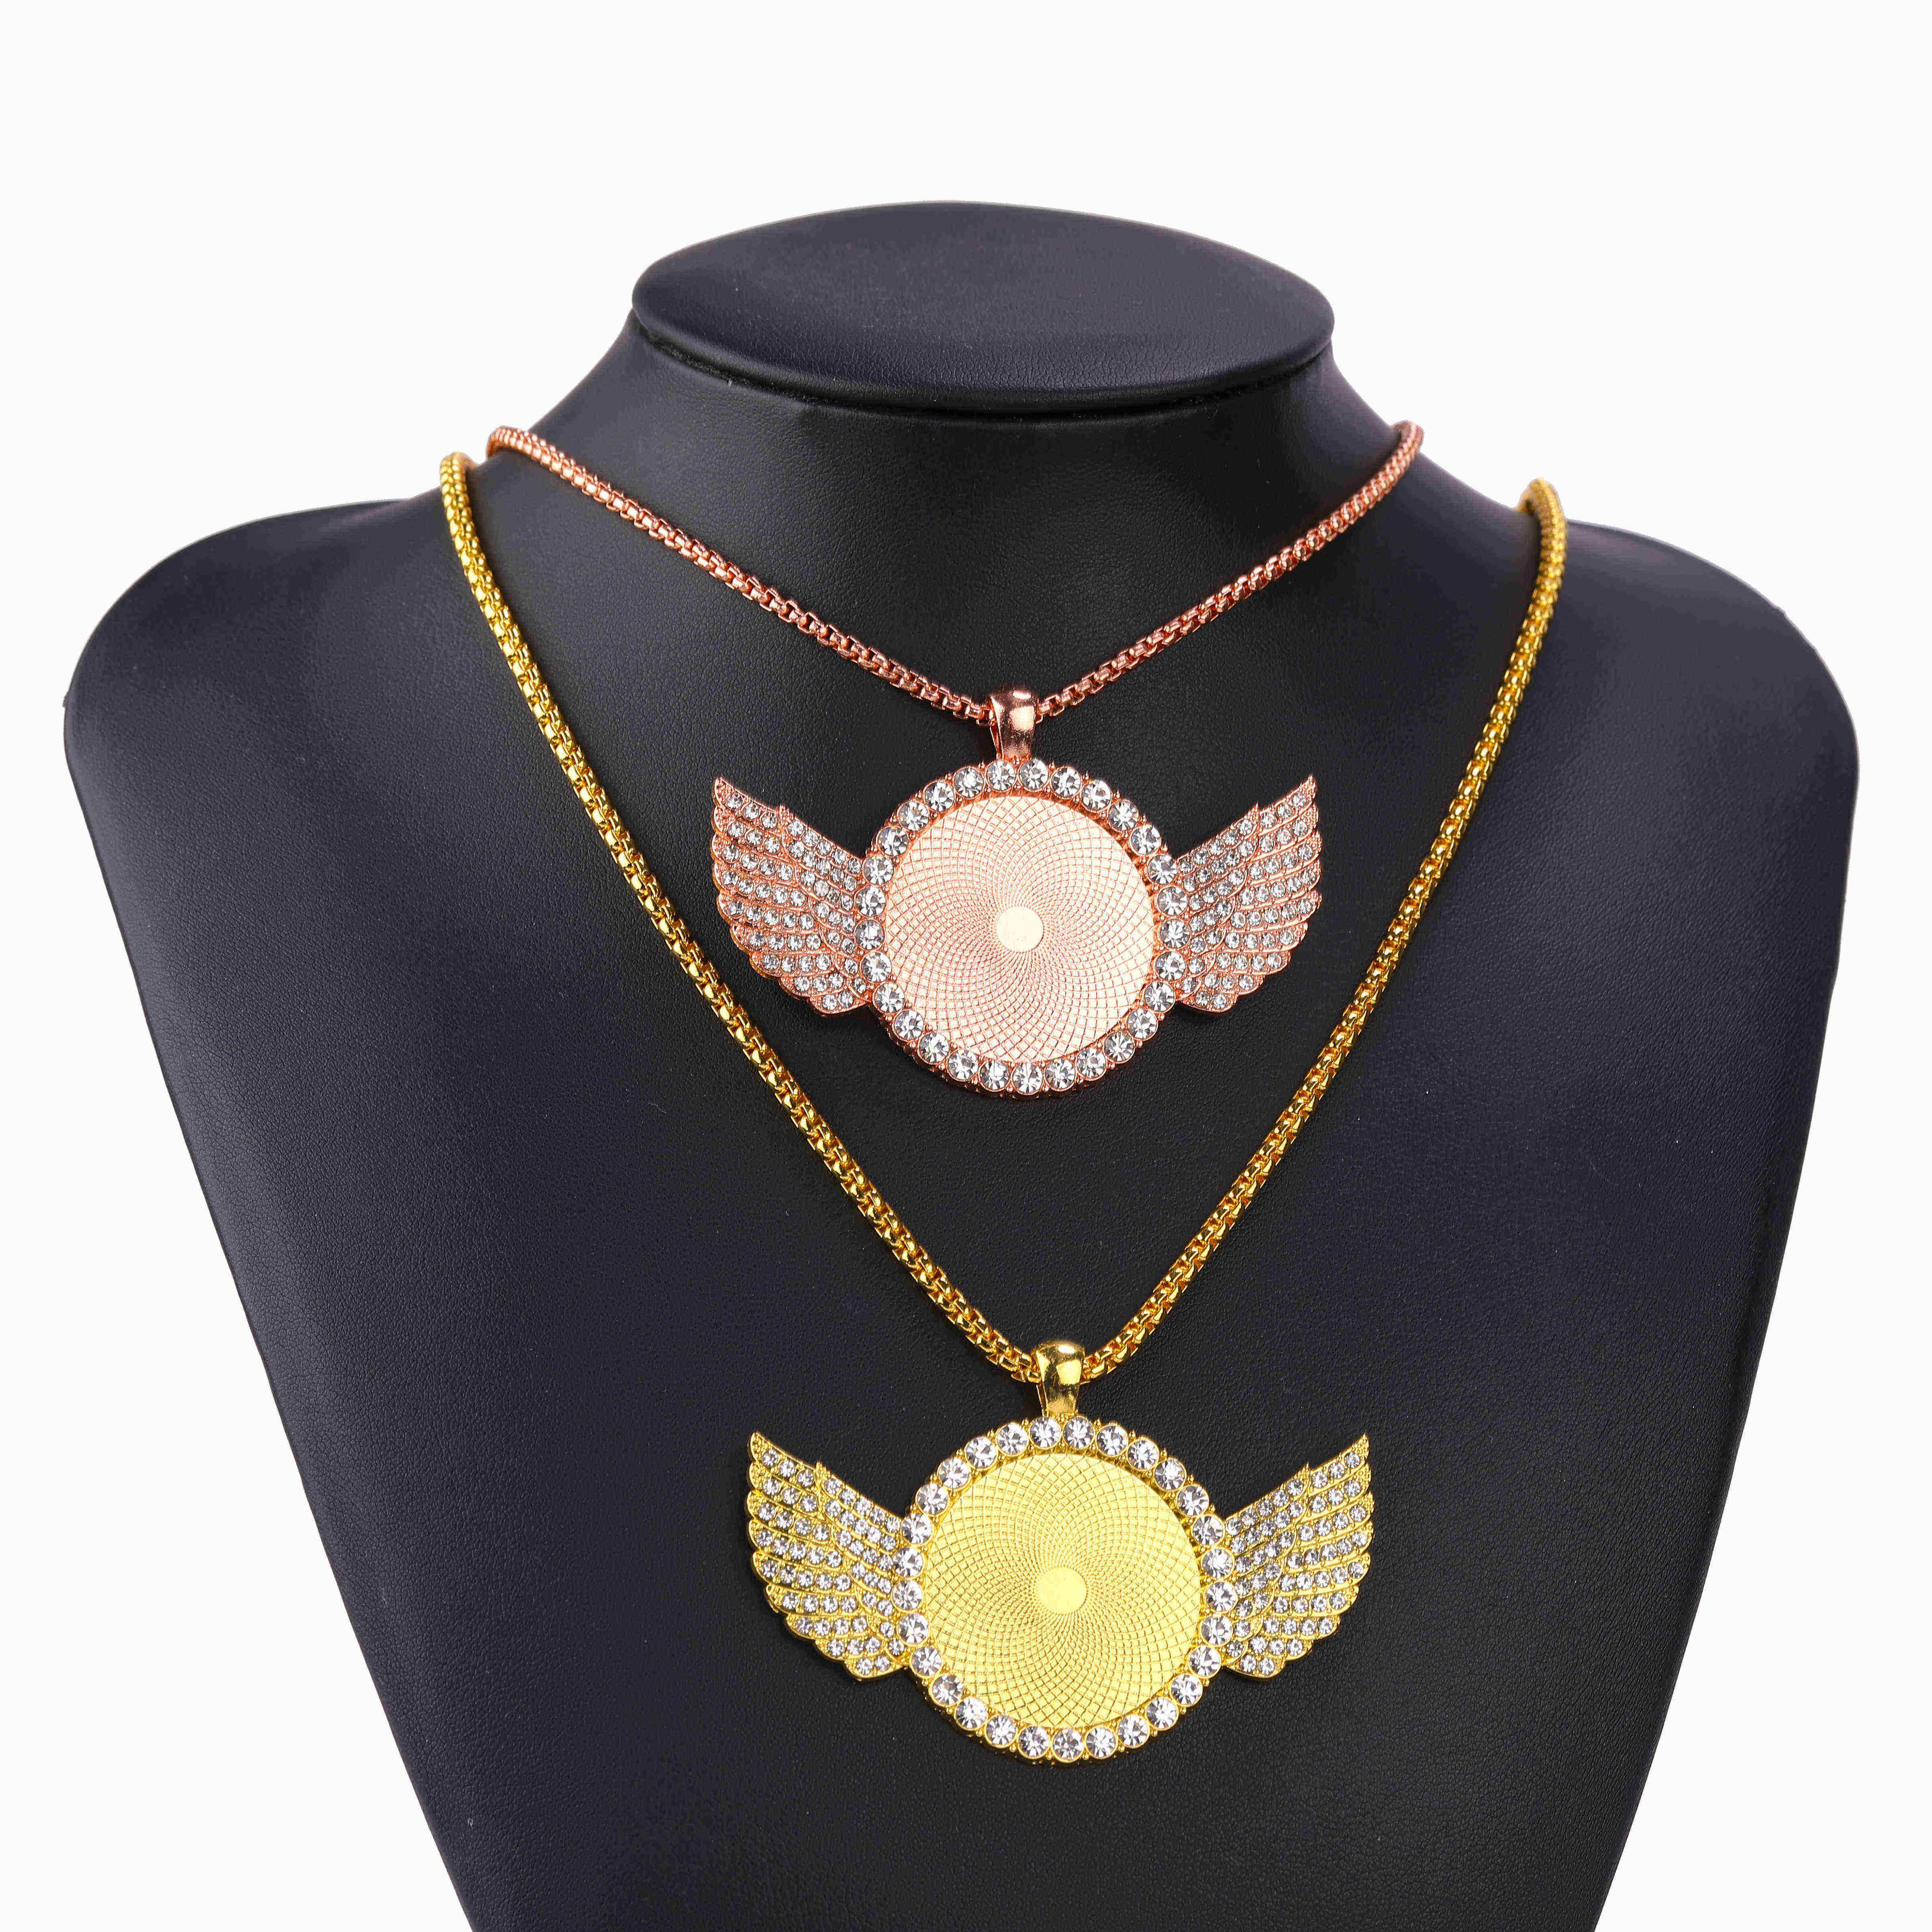 Juya 2 pçs jóias pingente colar gargantilha corrente moda asa base cabochão liga diy acessórios sem bandeja de vidro jóias descobertas